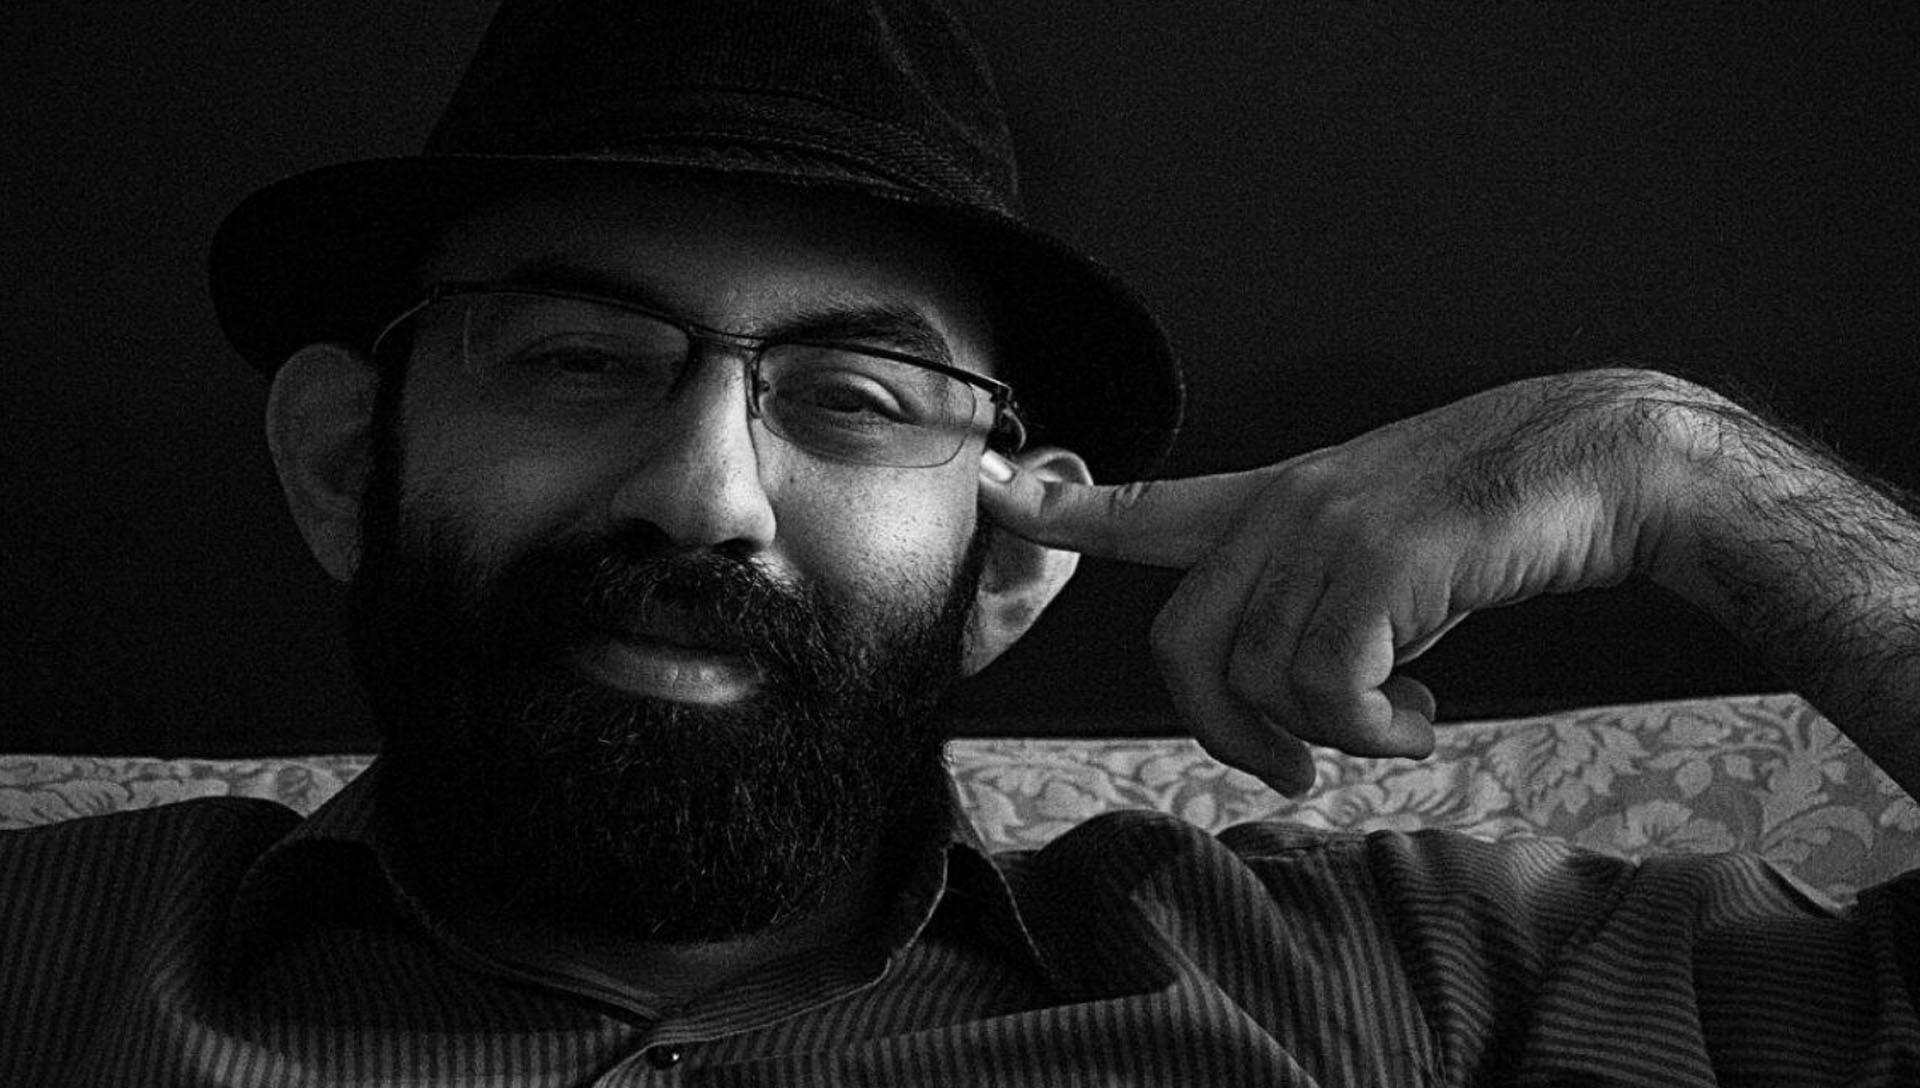 کیانوش جهاندیده - گروه فیلم سازی زوم شیراز برادران شریفی